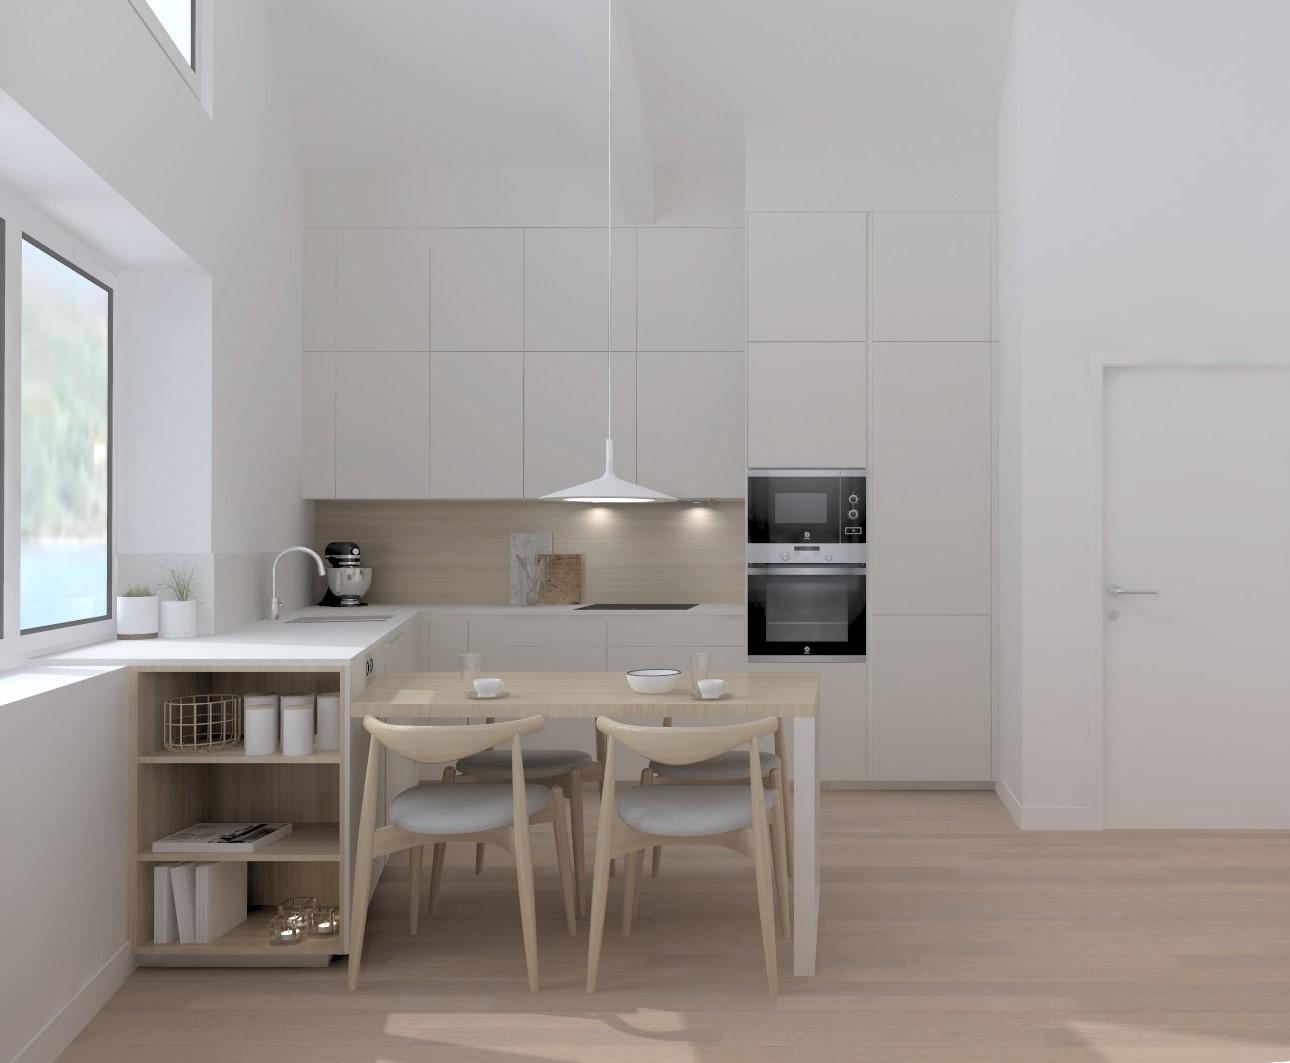 Cocina blanca y madera con estética nórdica